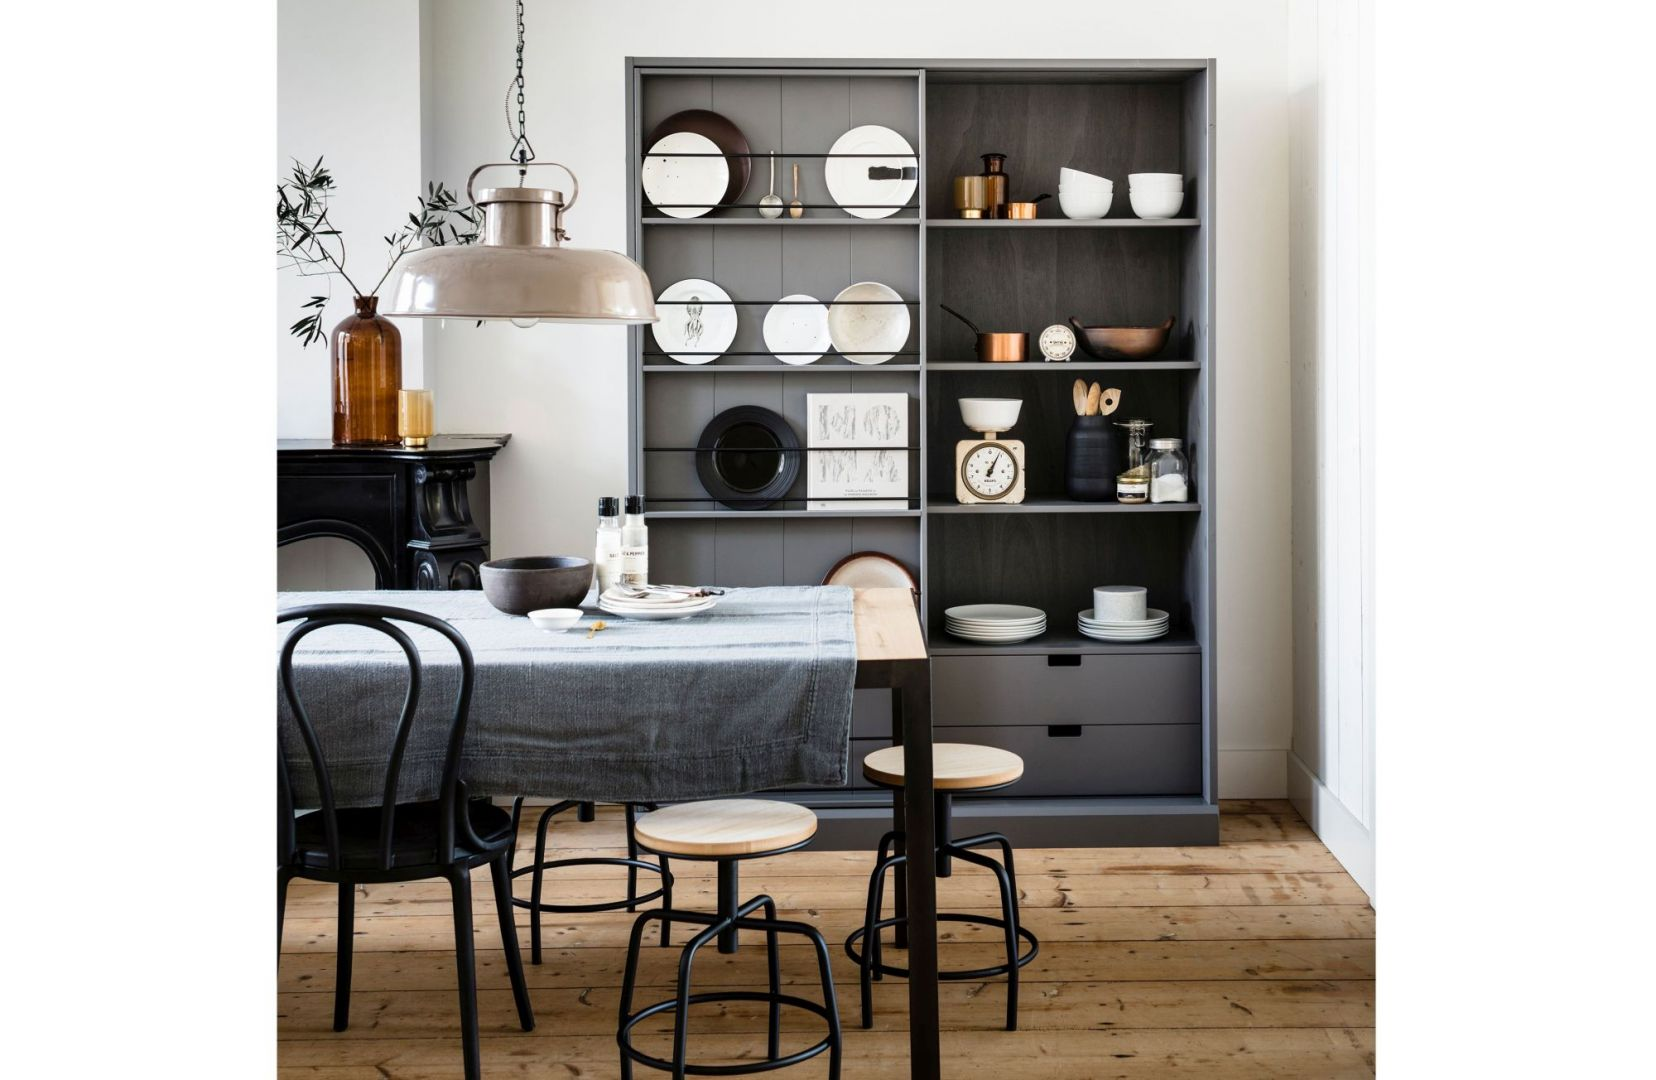 Regały otwarte mogą służyć zarówno do przechowywania, jak też jako miejsce ekspozycji dekoracyjnych przedmiotów. Fot. Dutchhouse